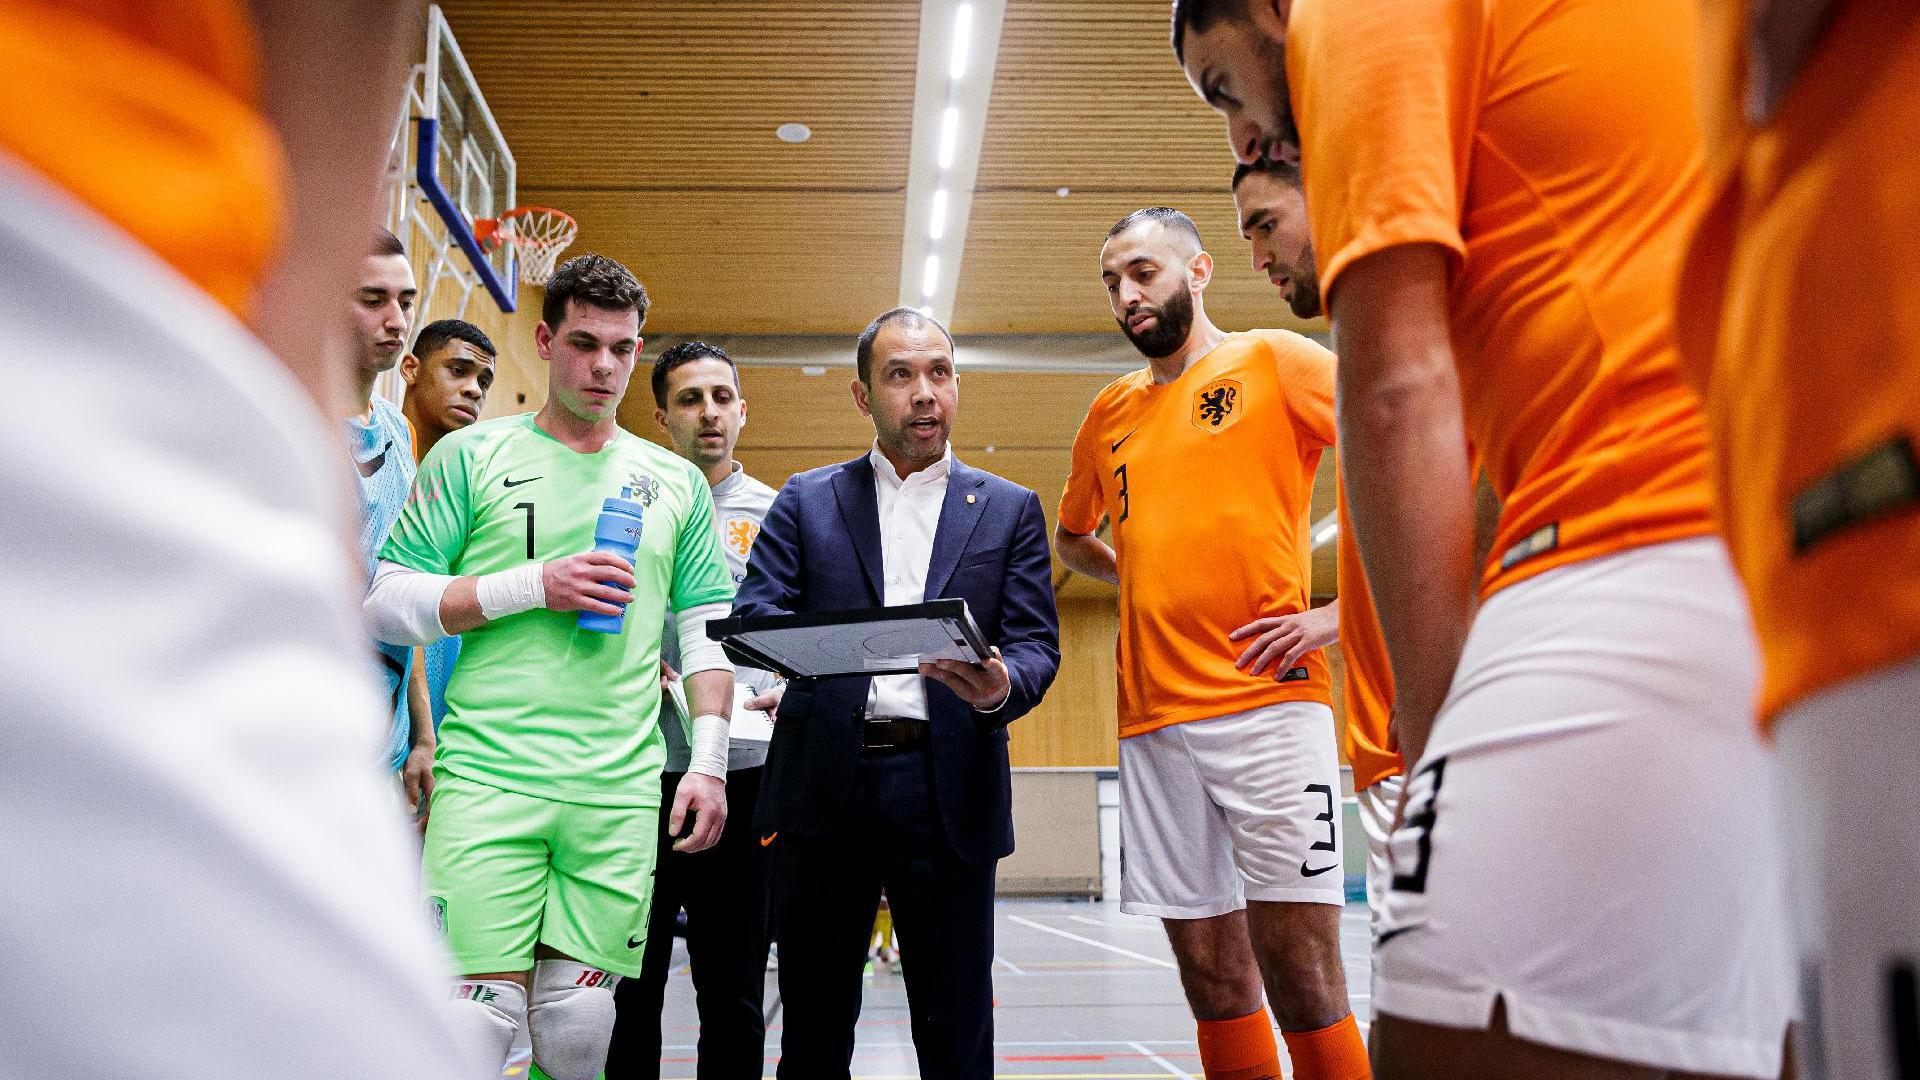 Tjaden maakt selectie bekend voor duels tegen België en Litouwen